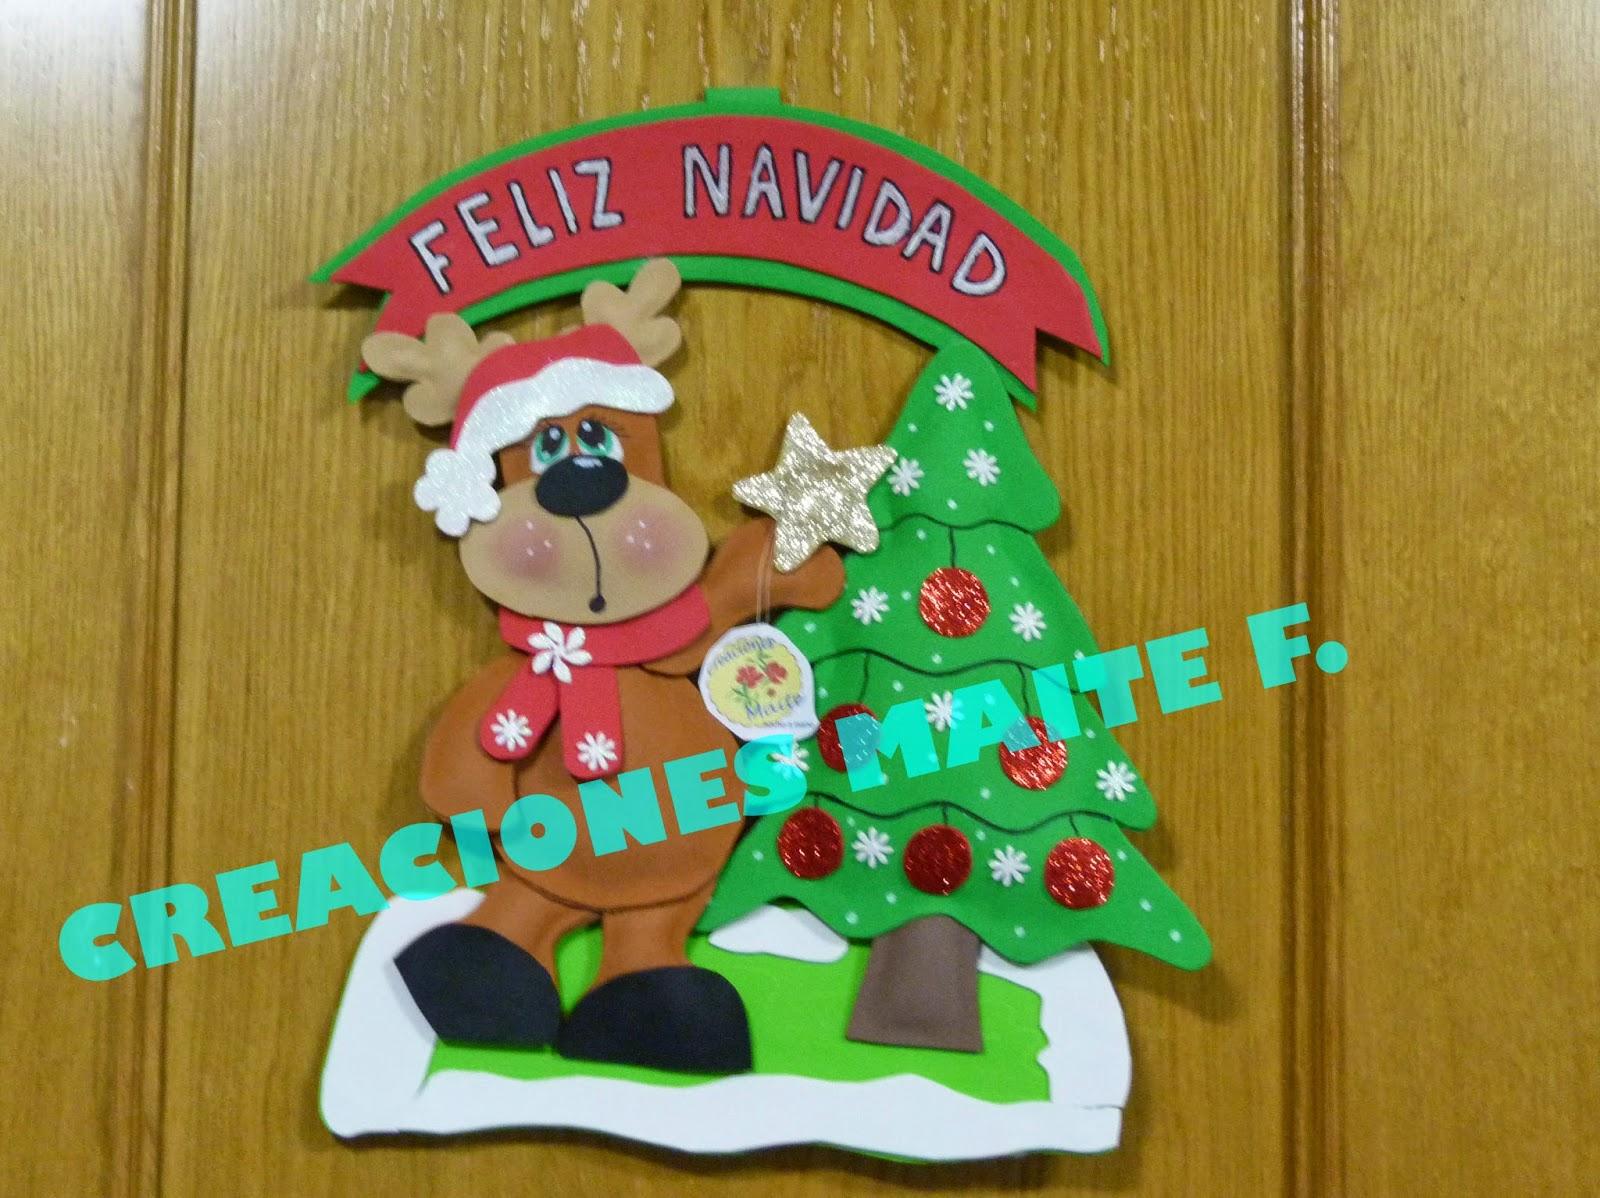 Fofuchas manualidades y creaciones maite cartel navidad - Con goma eva ...